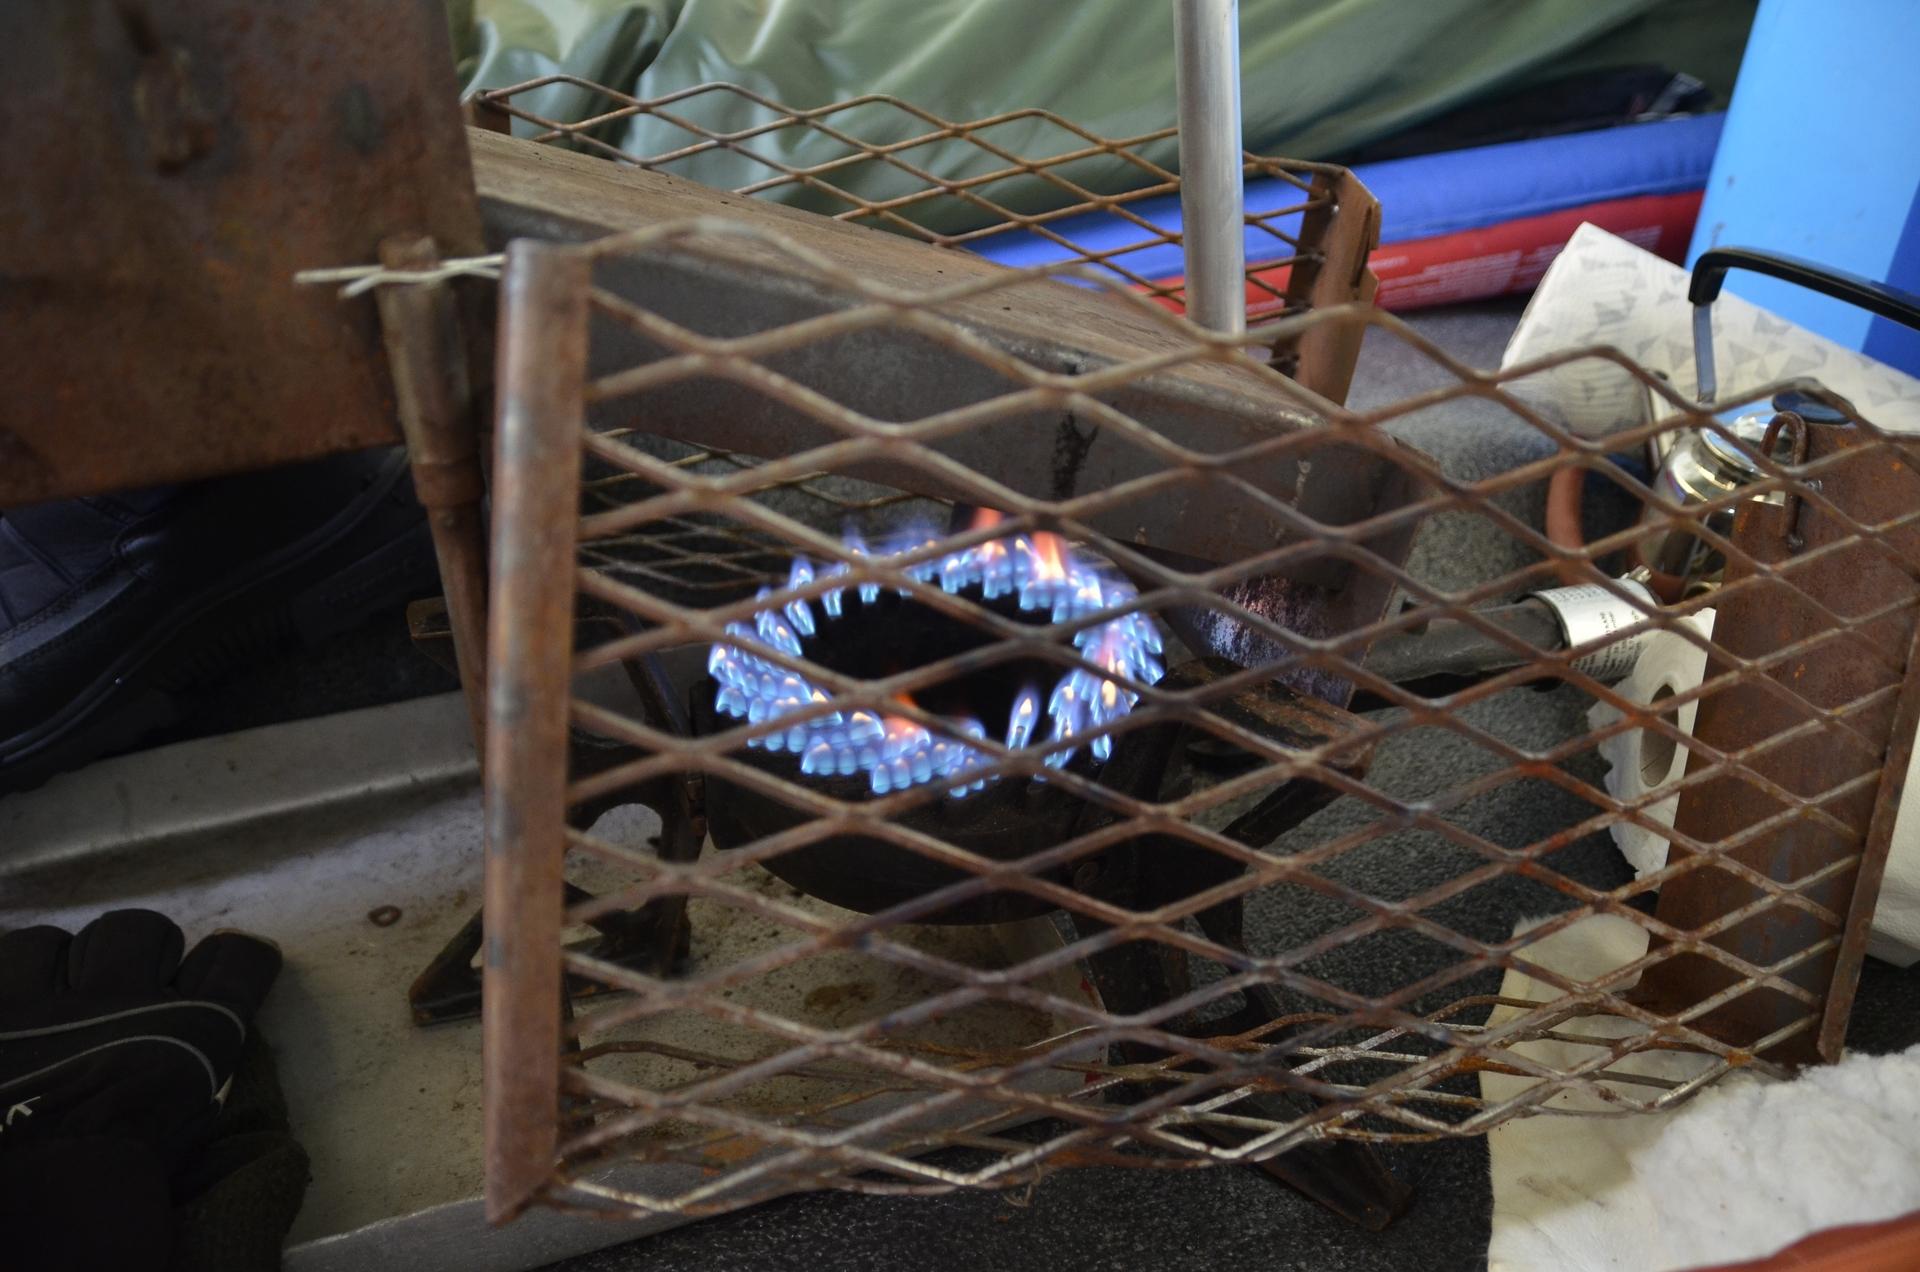 Teltassa tarettiin kaminan lämmössä. Retken yksi monista kohokohdista oli Riekkojen huutelut yöllä teltan pihassa.